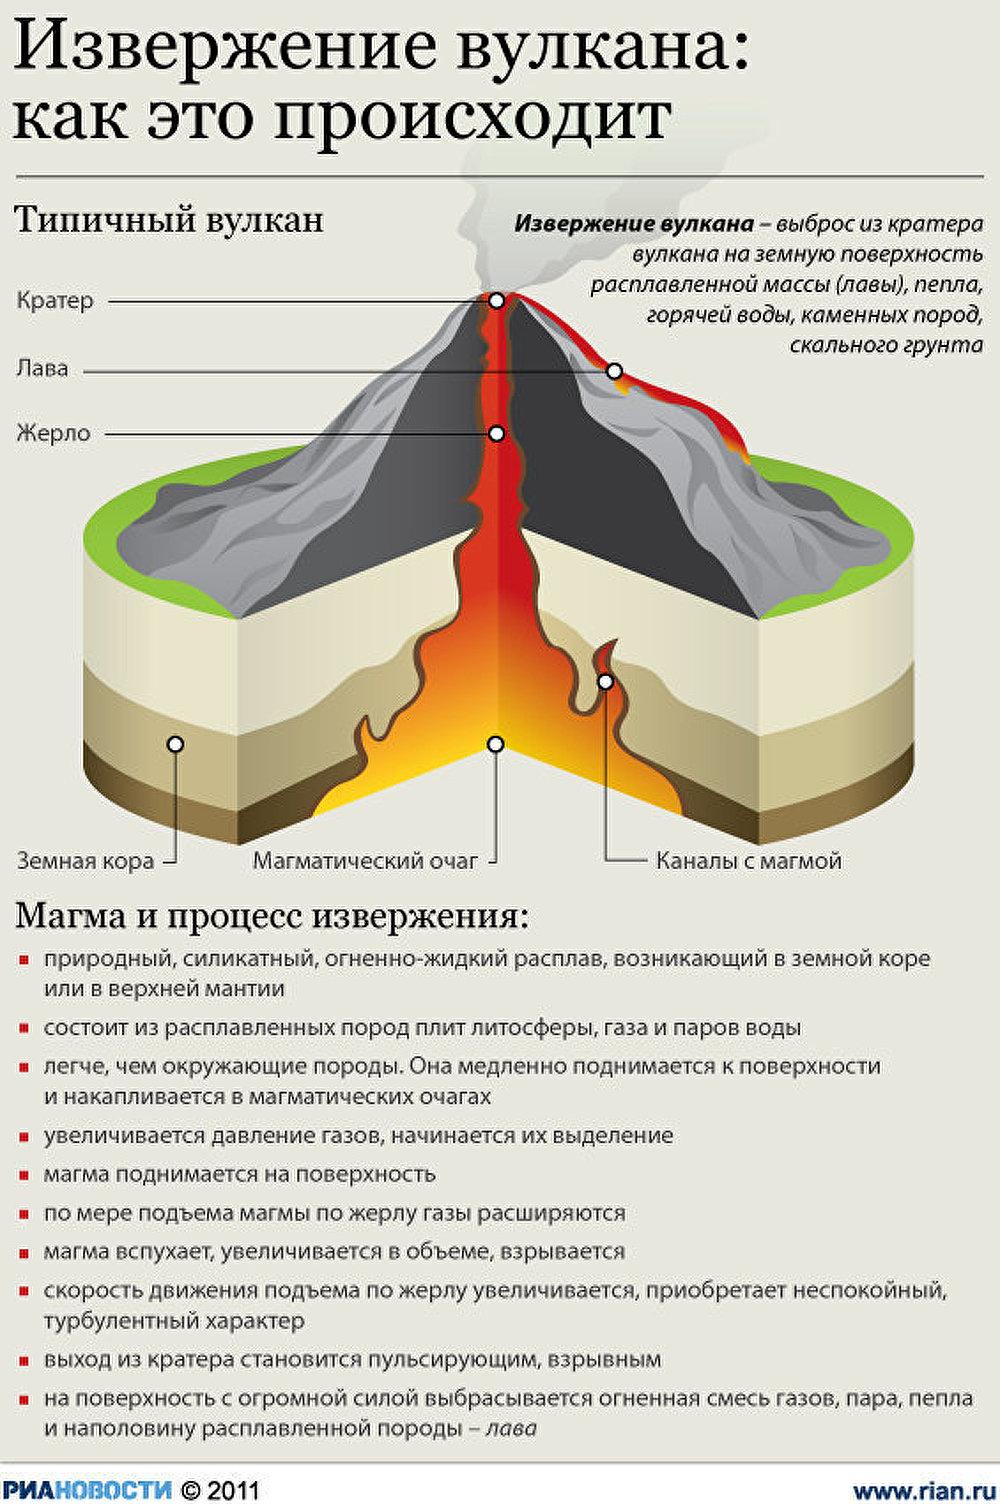 Извержение вулкана: как это происходит